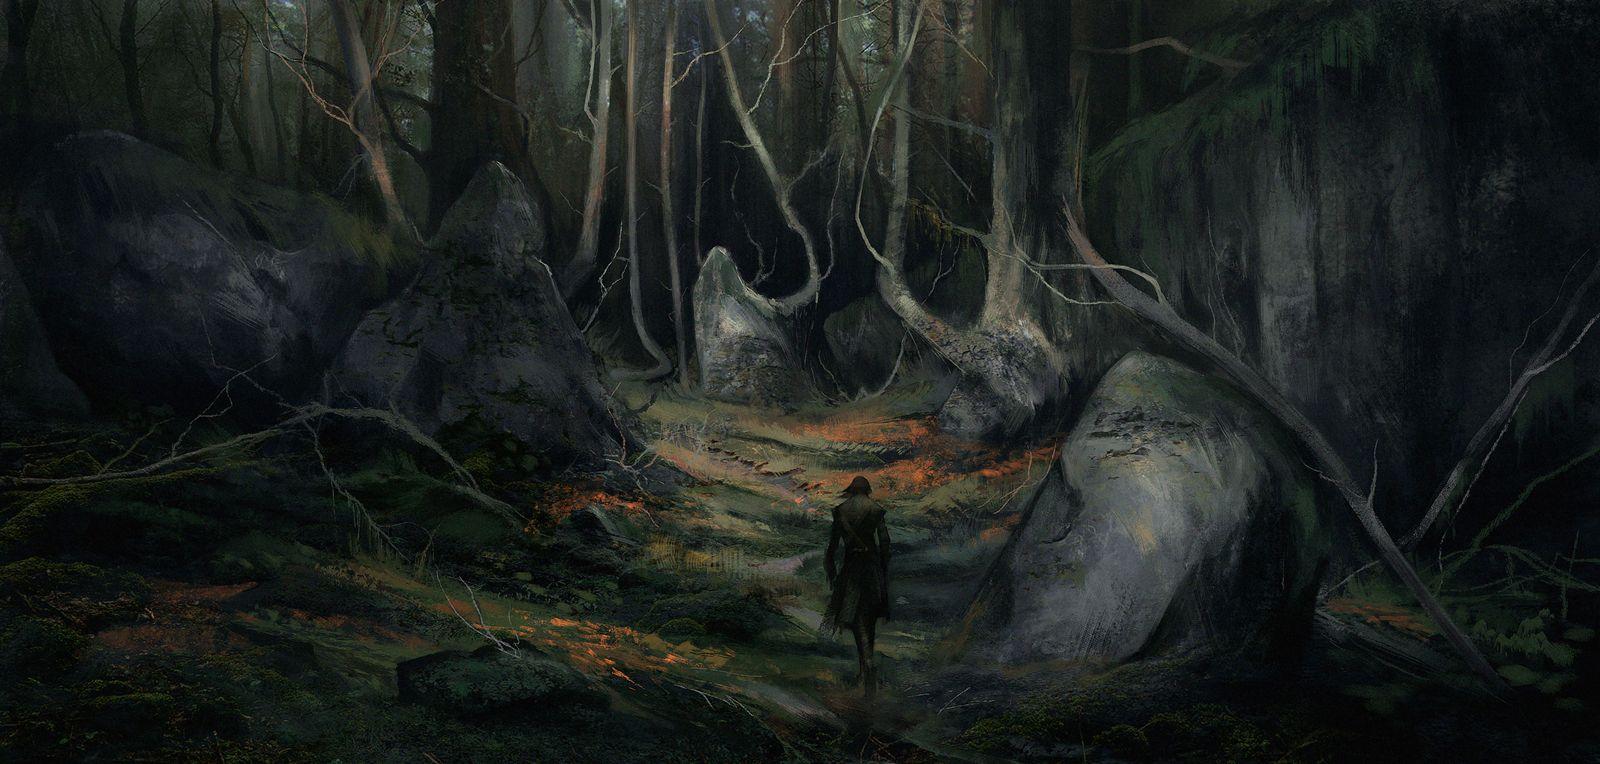 Floresta de Gaia Cd0f03e9bb7f2c29c005623aa0f48b70